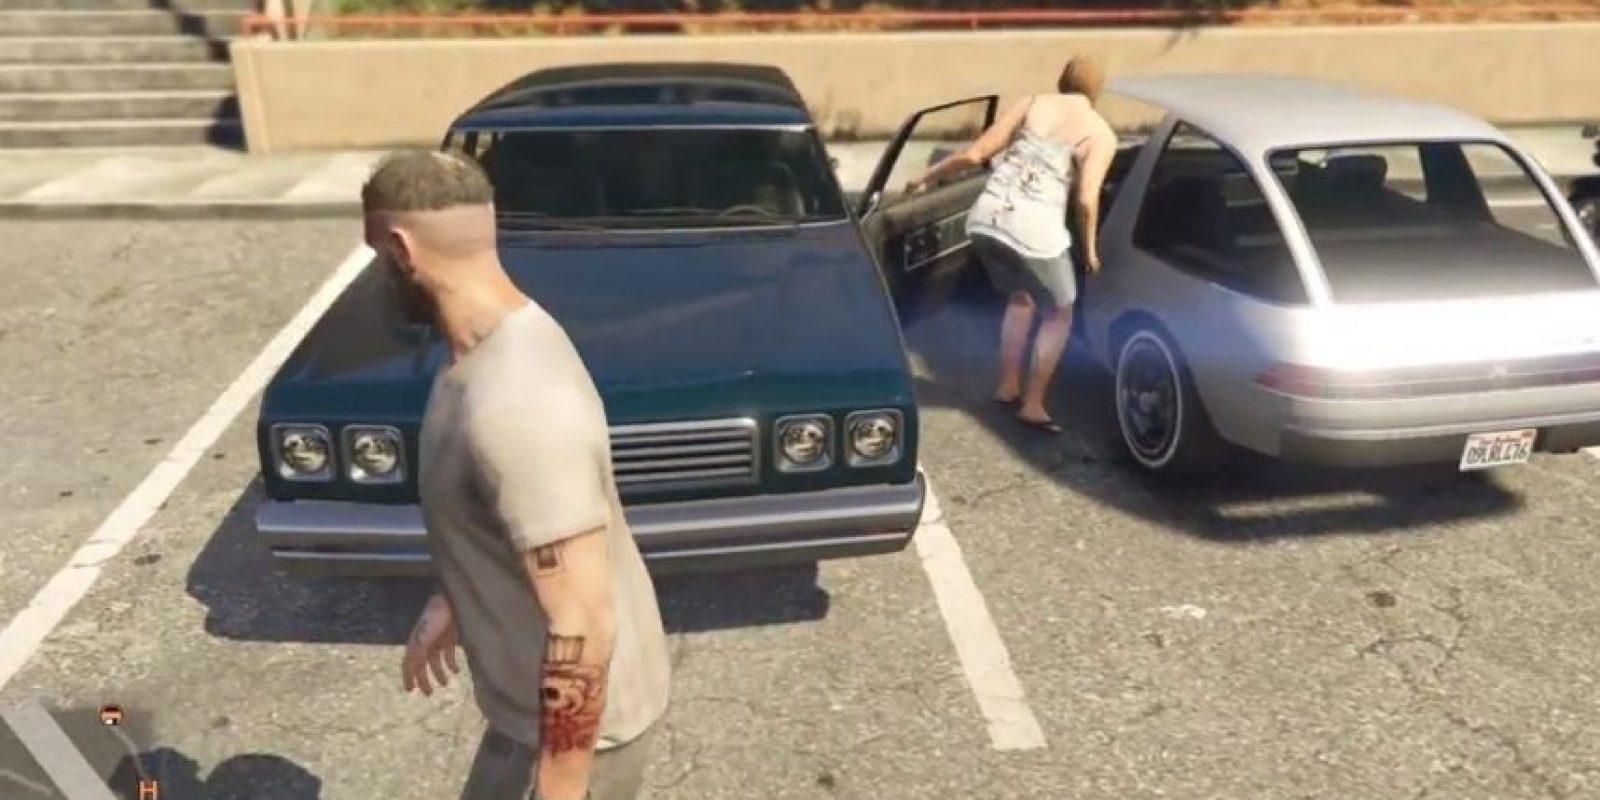 La mujer de igual forma encuentra dificultades para ingresar al automóvil. Foto:GTA V/ Rockstar Games / YouTube